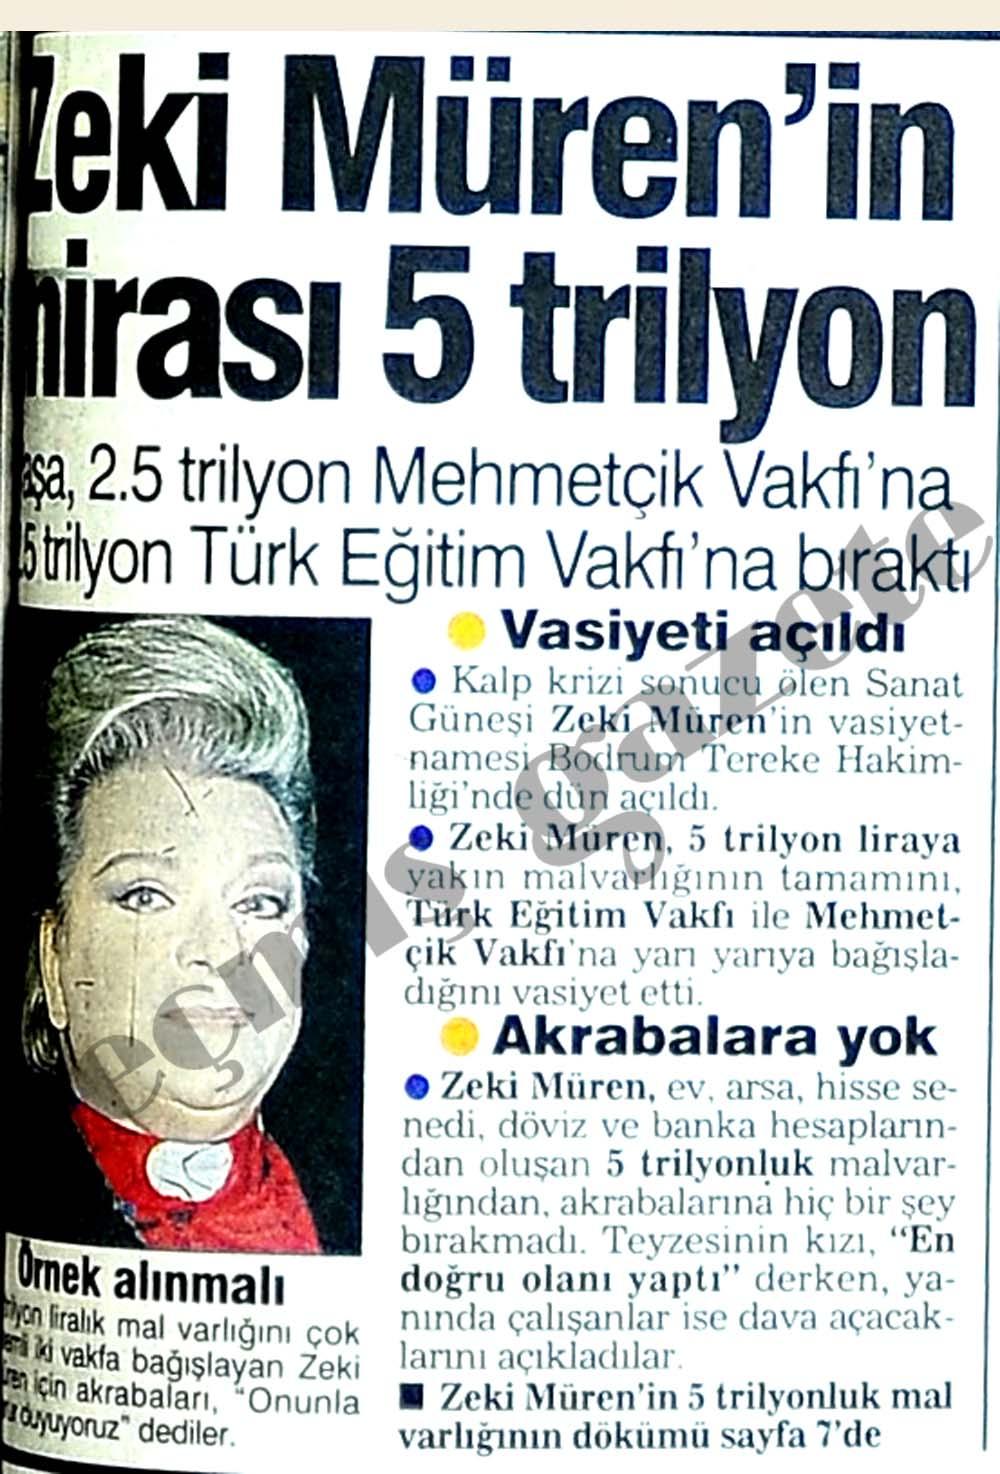 Zeki Müren'in mirası 5 trilyon